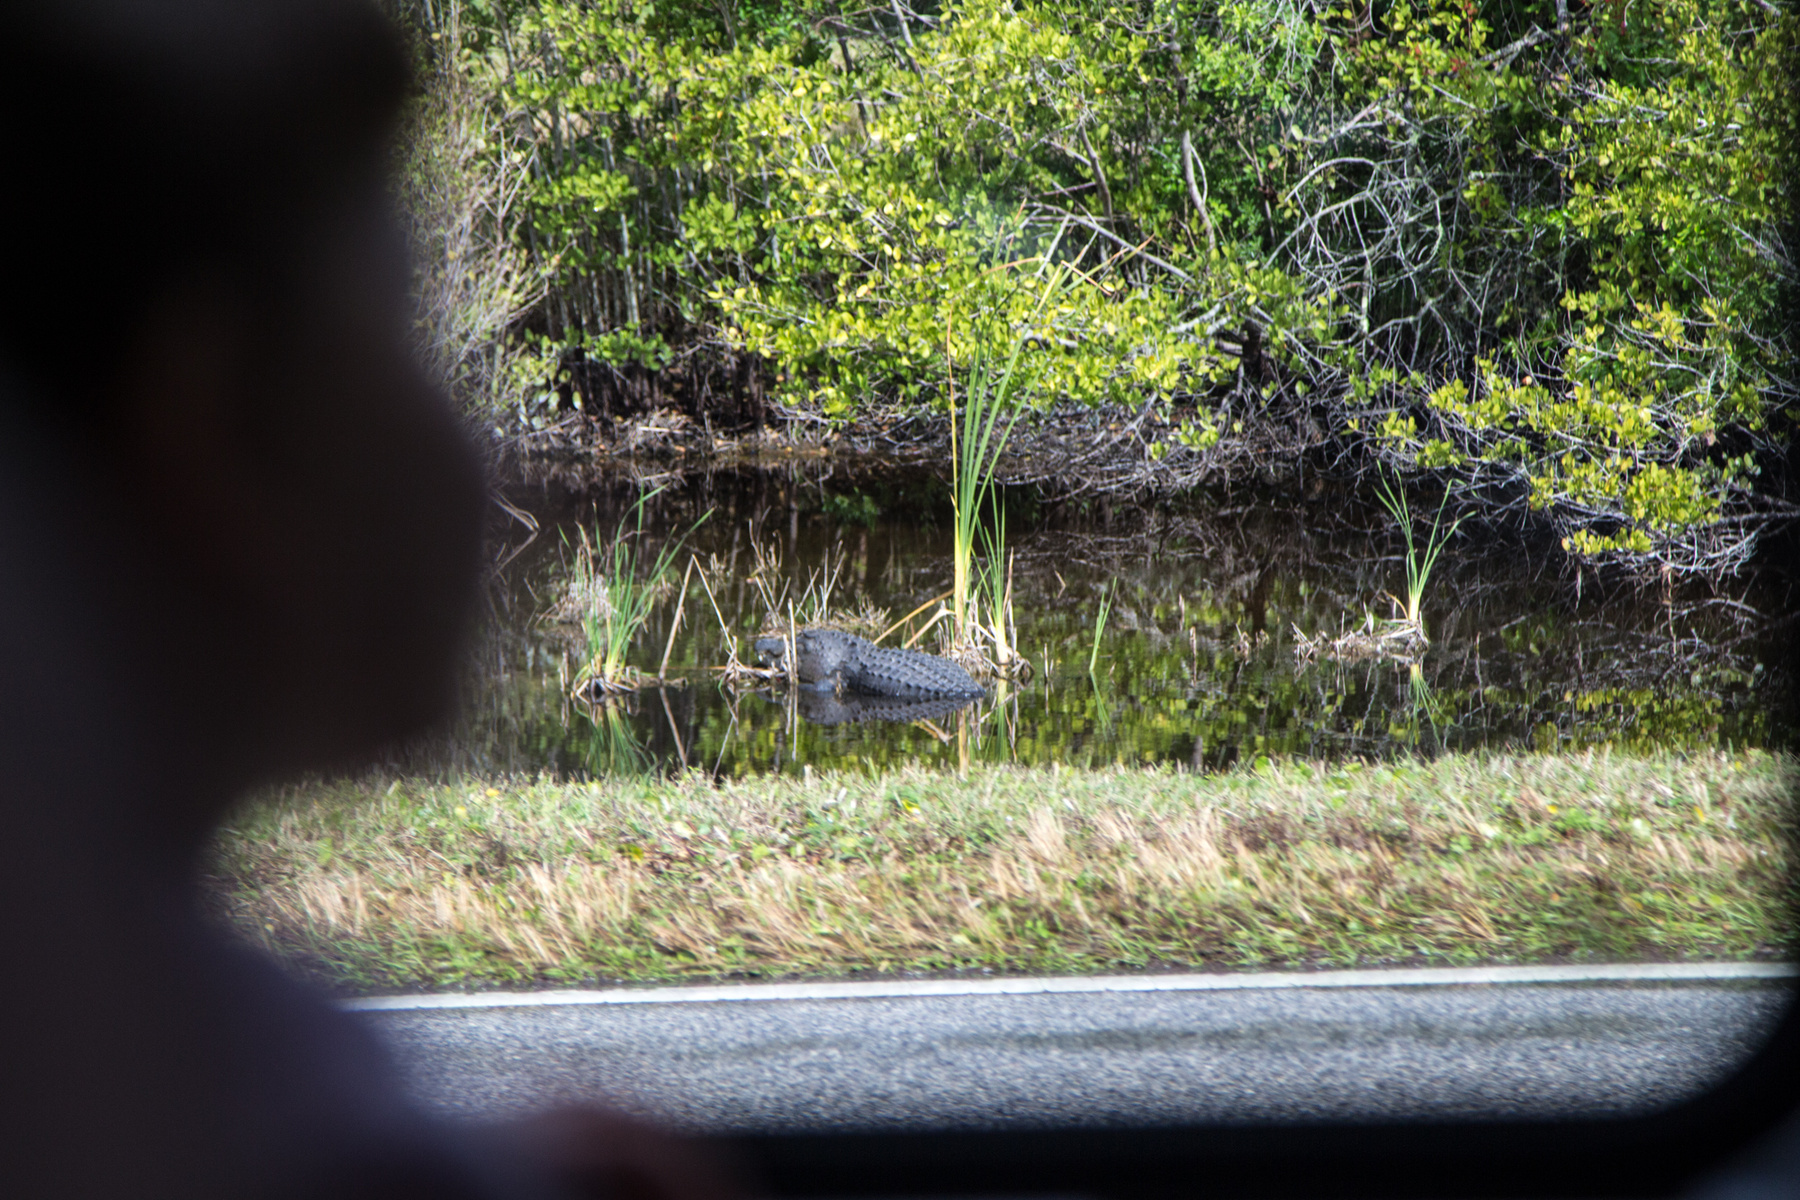 Már úton hazafelé, az utolsó képem Cape Canaveralről. Január vége volt, messze nem a főszezon; a buszok nagy része a parklóban pihent